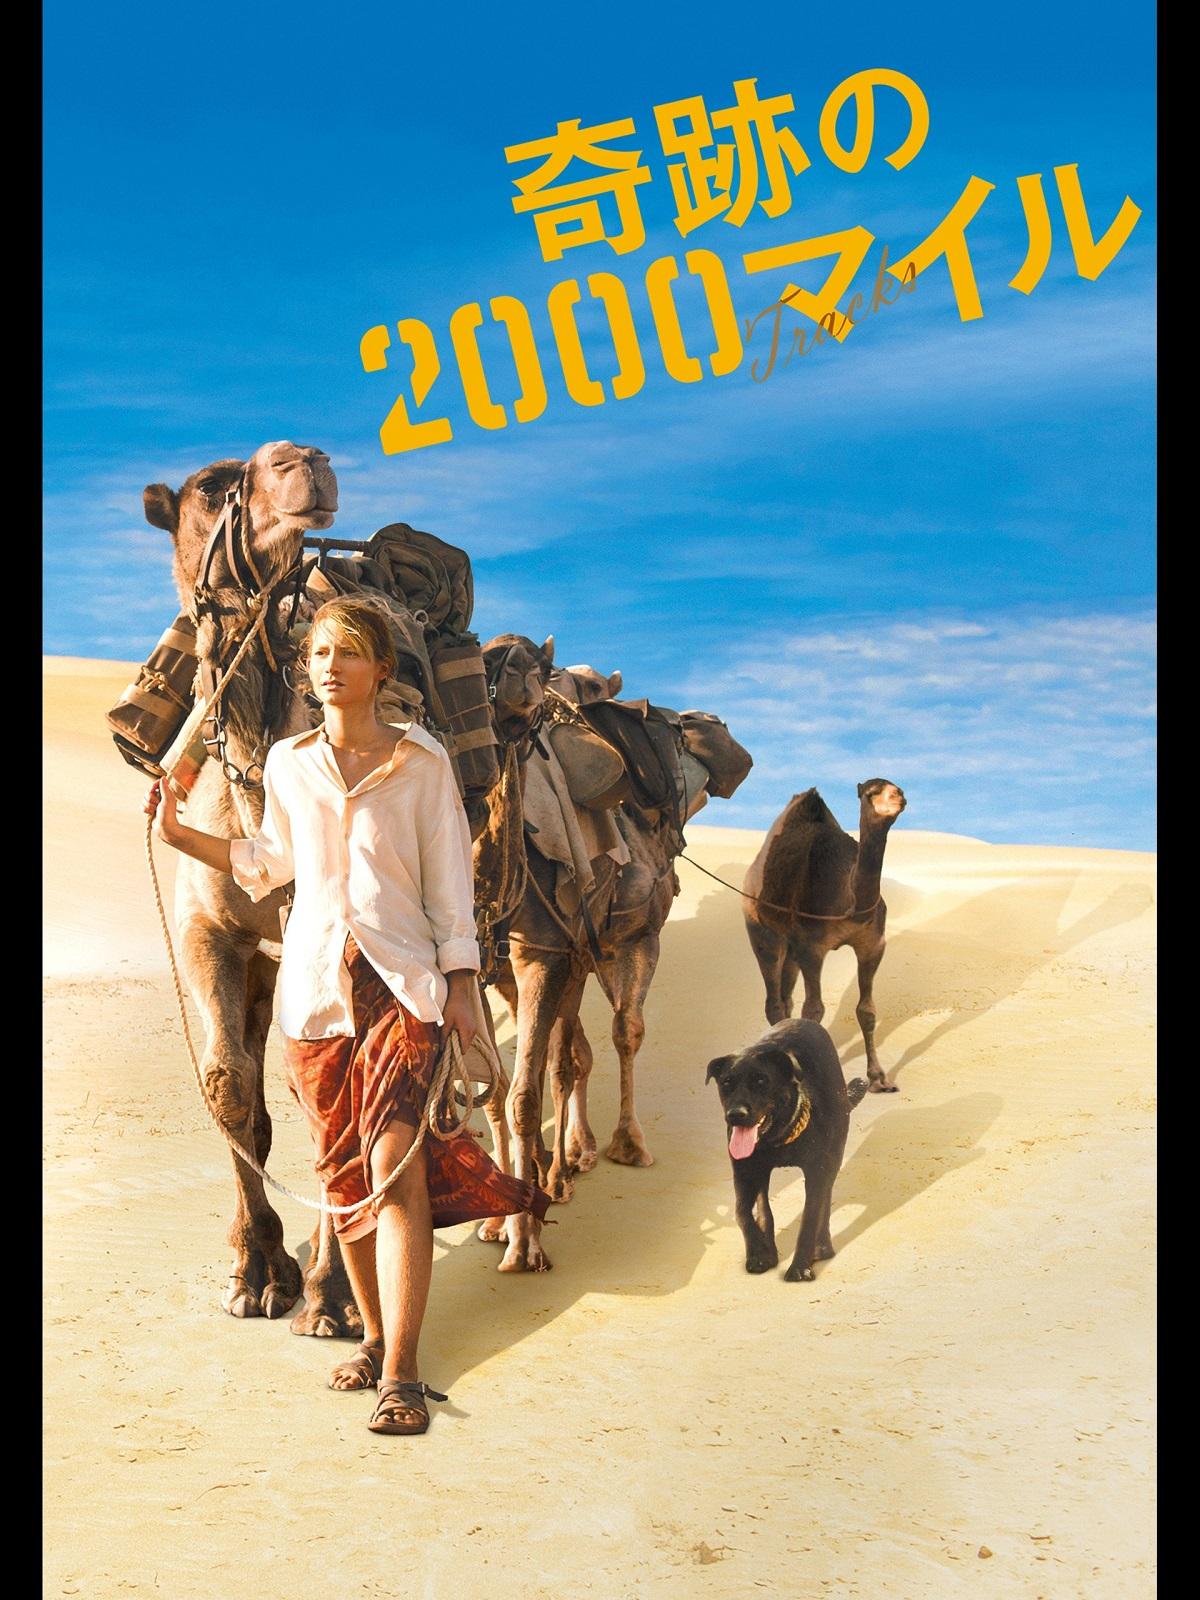 映画『奇跡の2000マイル』のチラシポスター